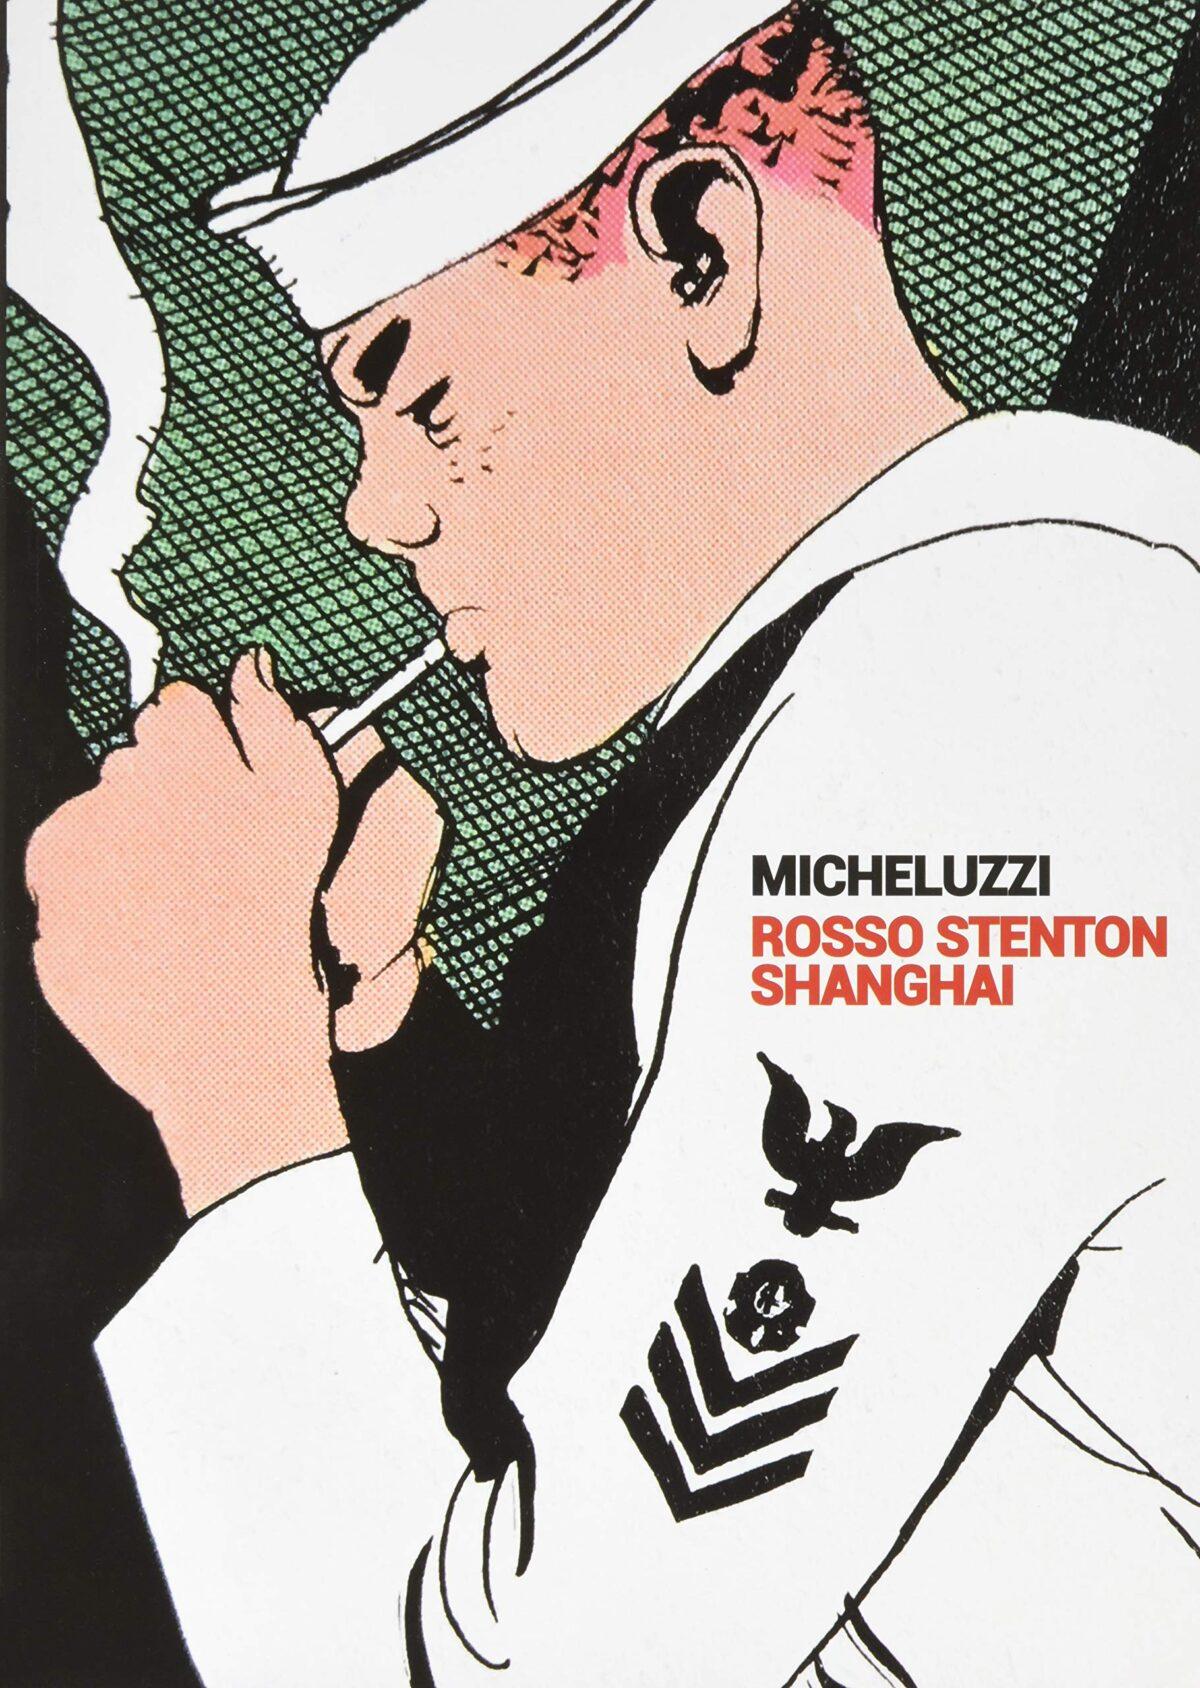 Attilio Micheluzzi – Rosso Stenton/Shanghai